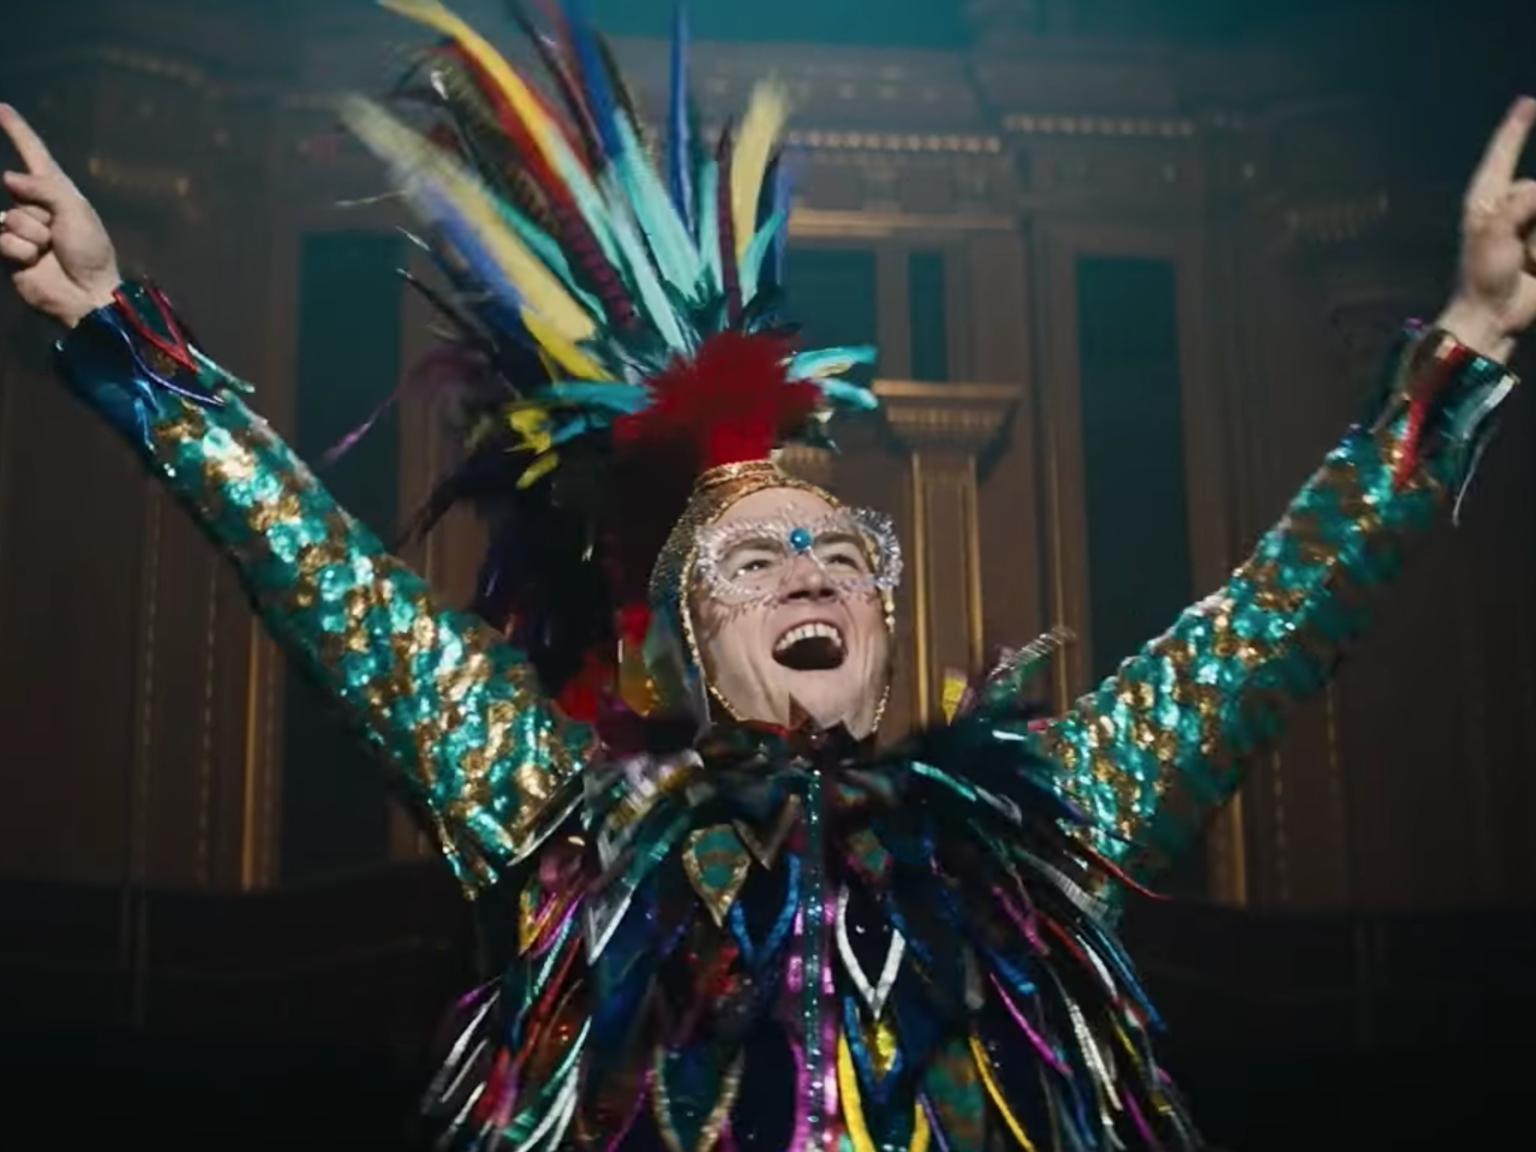 """Tarion Egerton in a scene from """"Rocketman"""", 2019"""